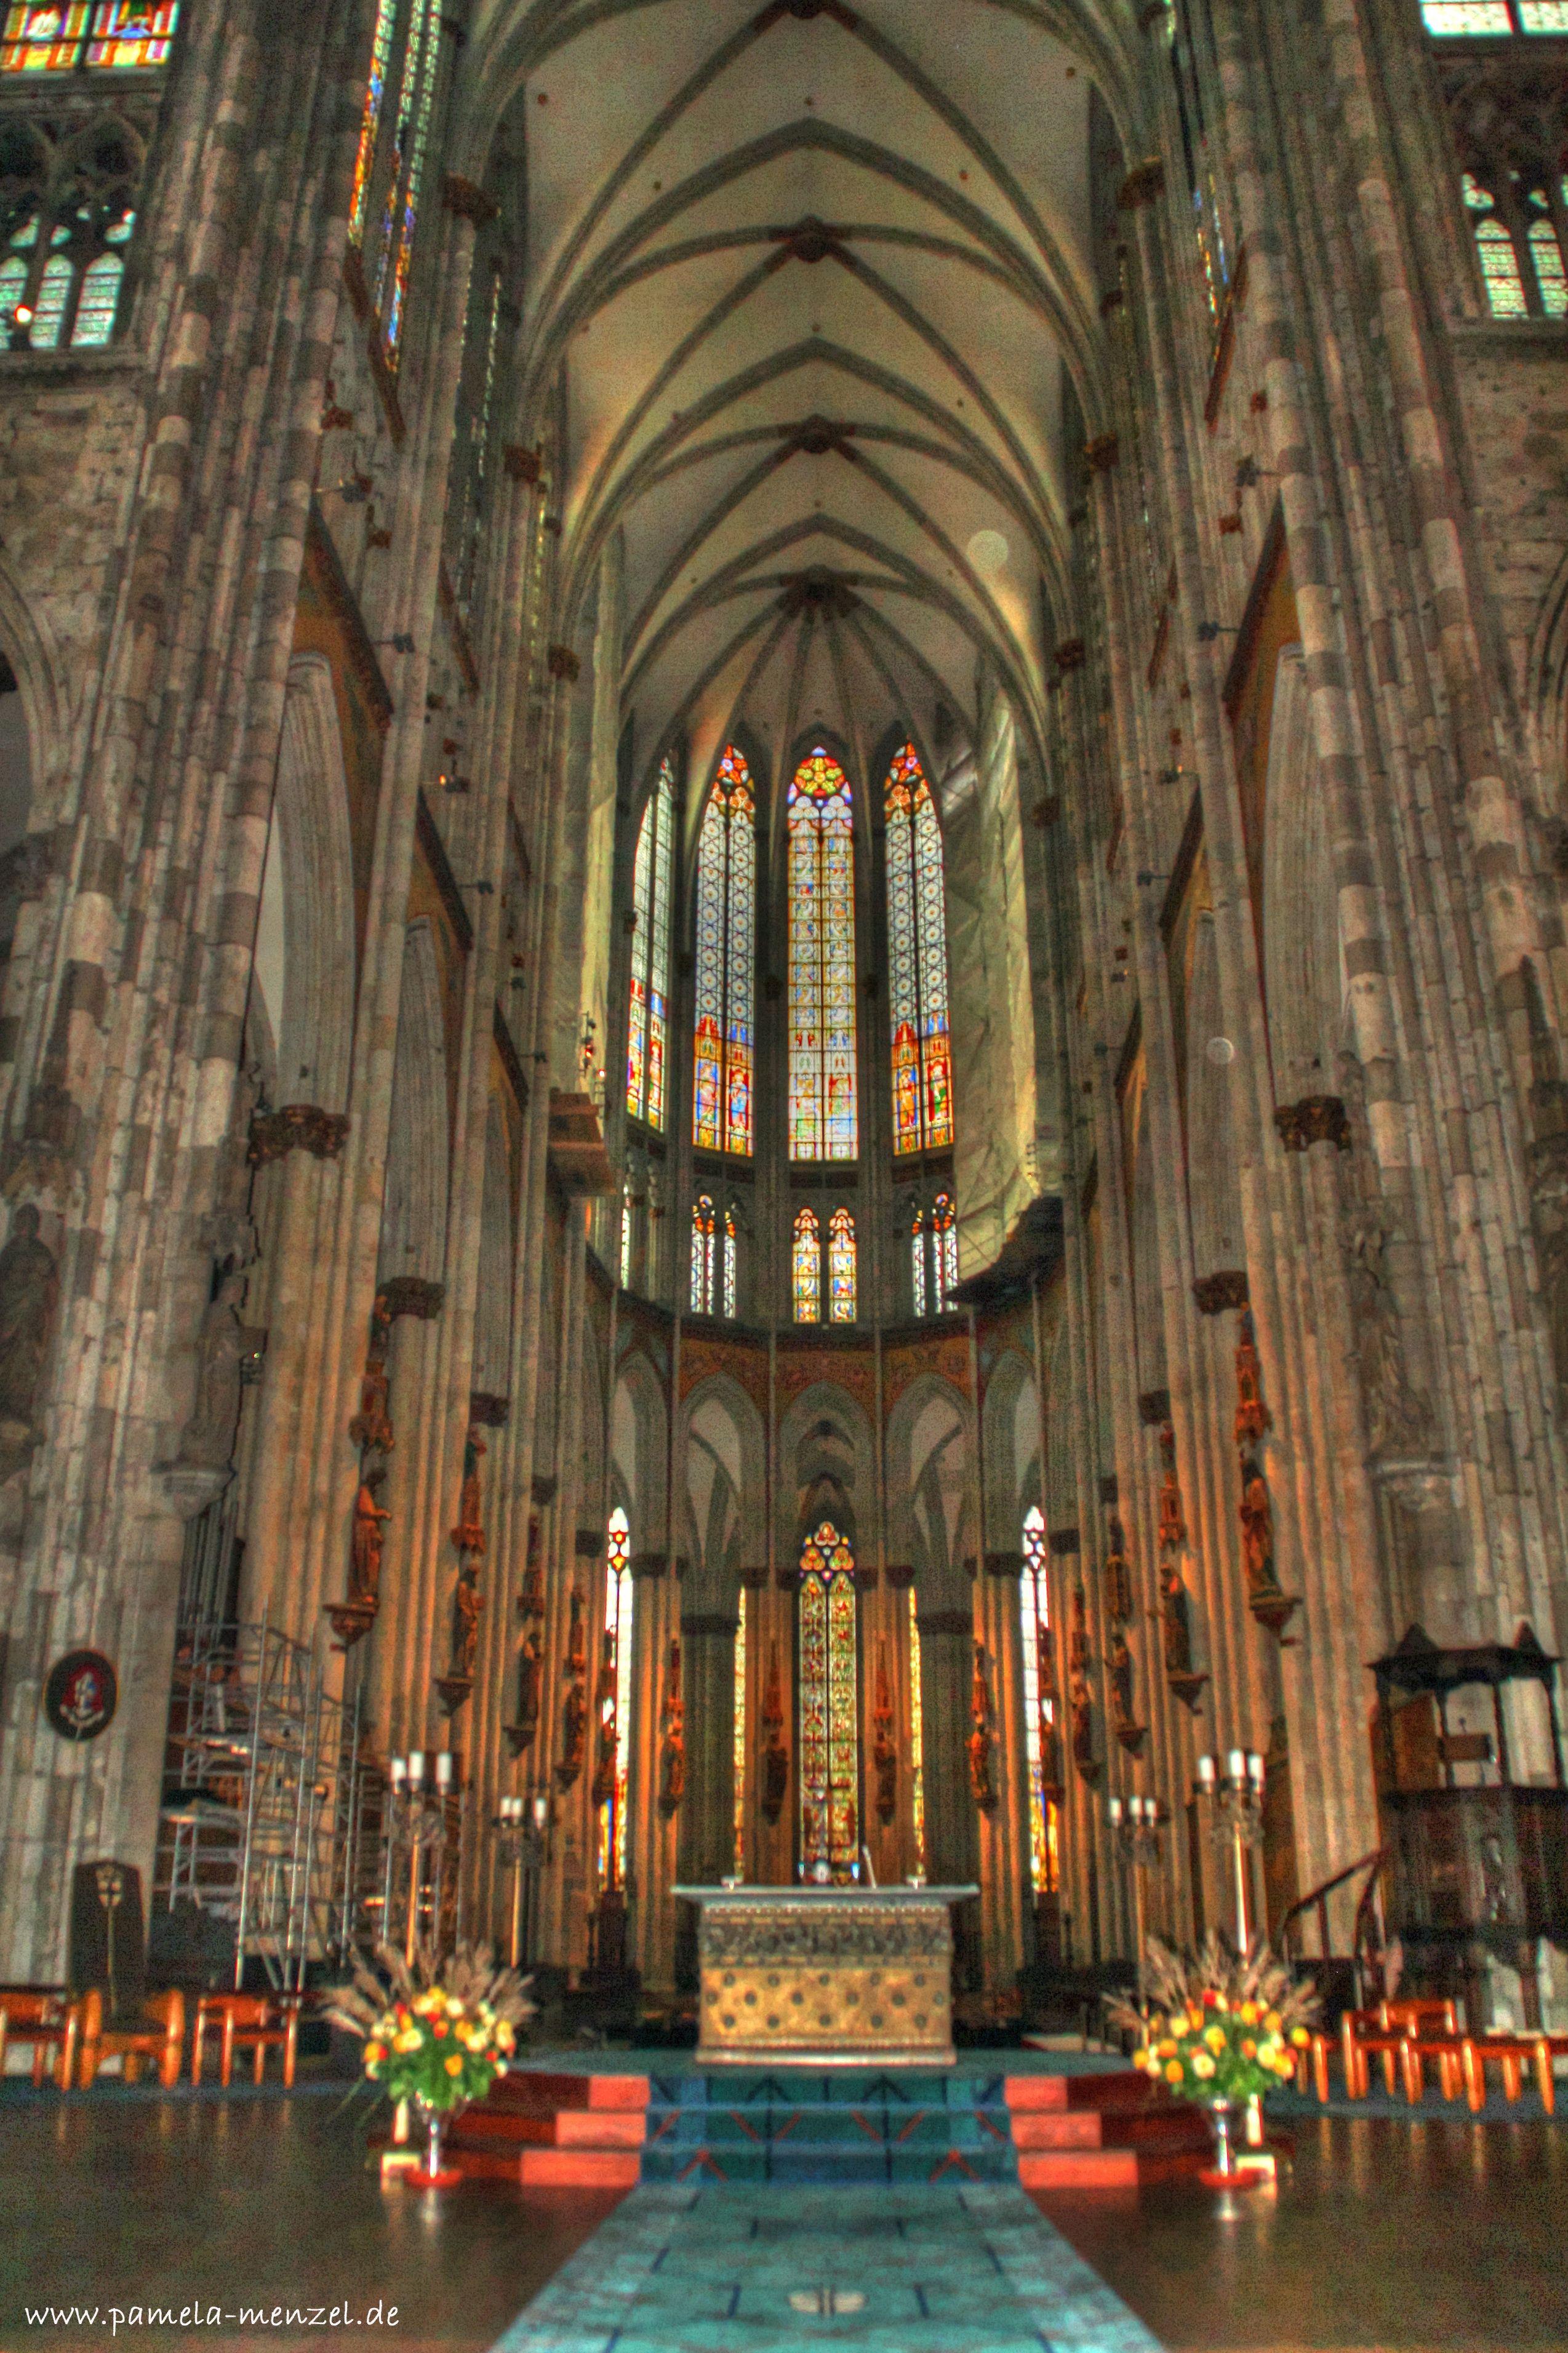 Interieur van de Dom van Keulen. Gotische kathedraal met ...